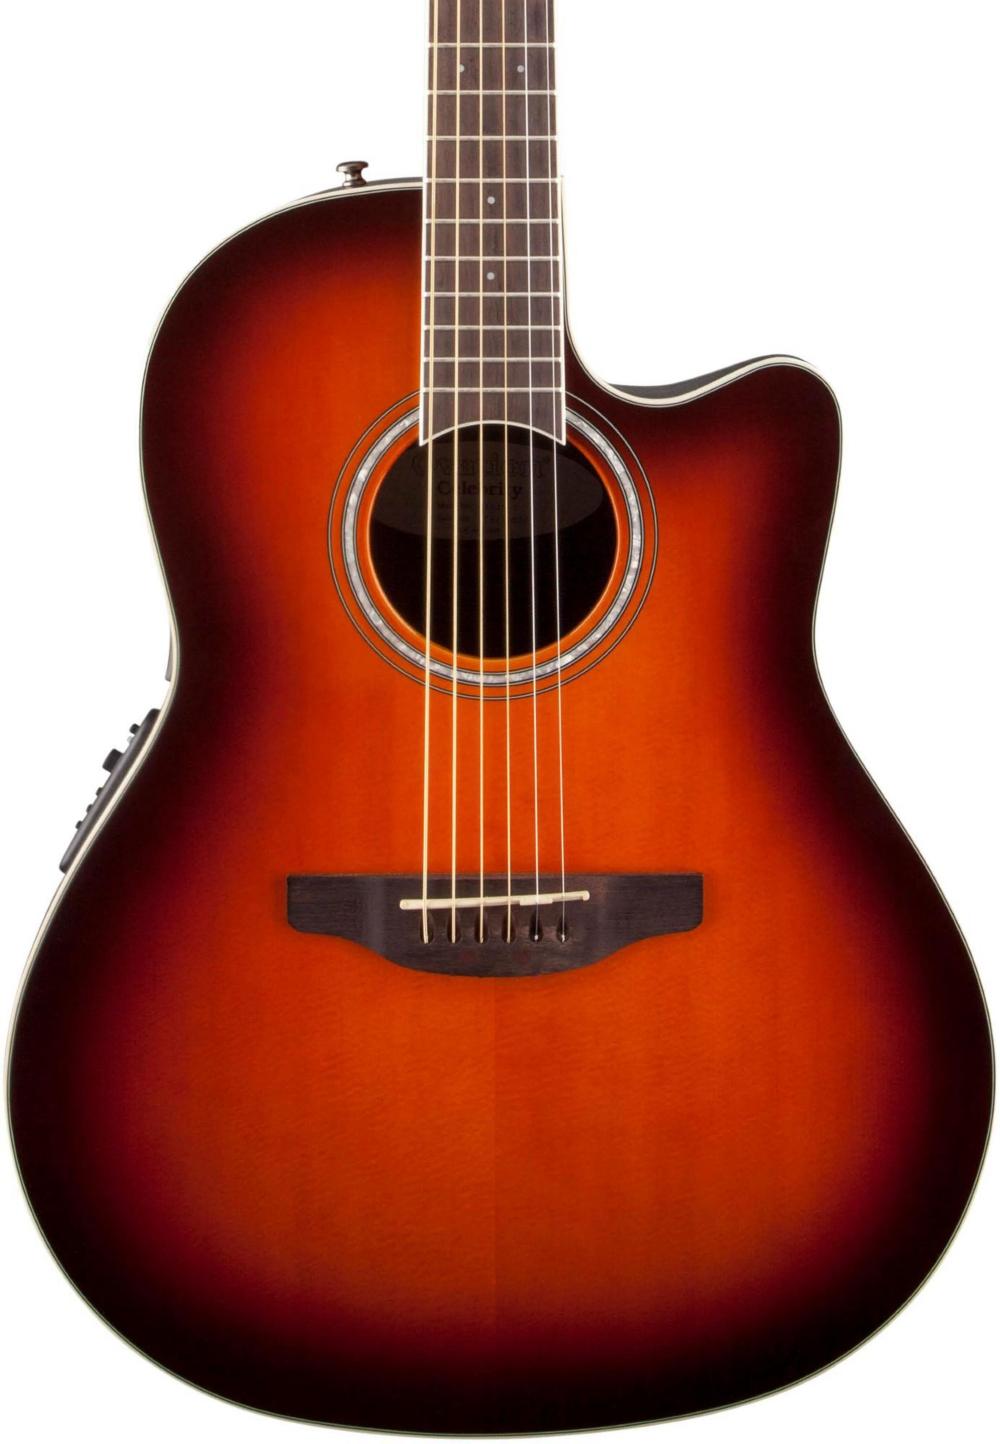 Ovation CS24-1 Celebrity Standard Acoustic Electric Guitar (Sunburst) by Ovation